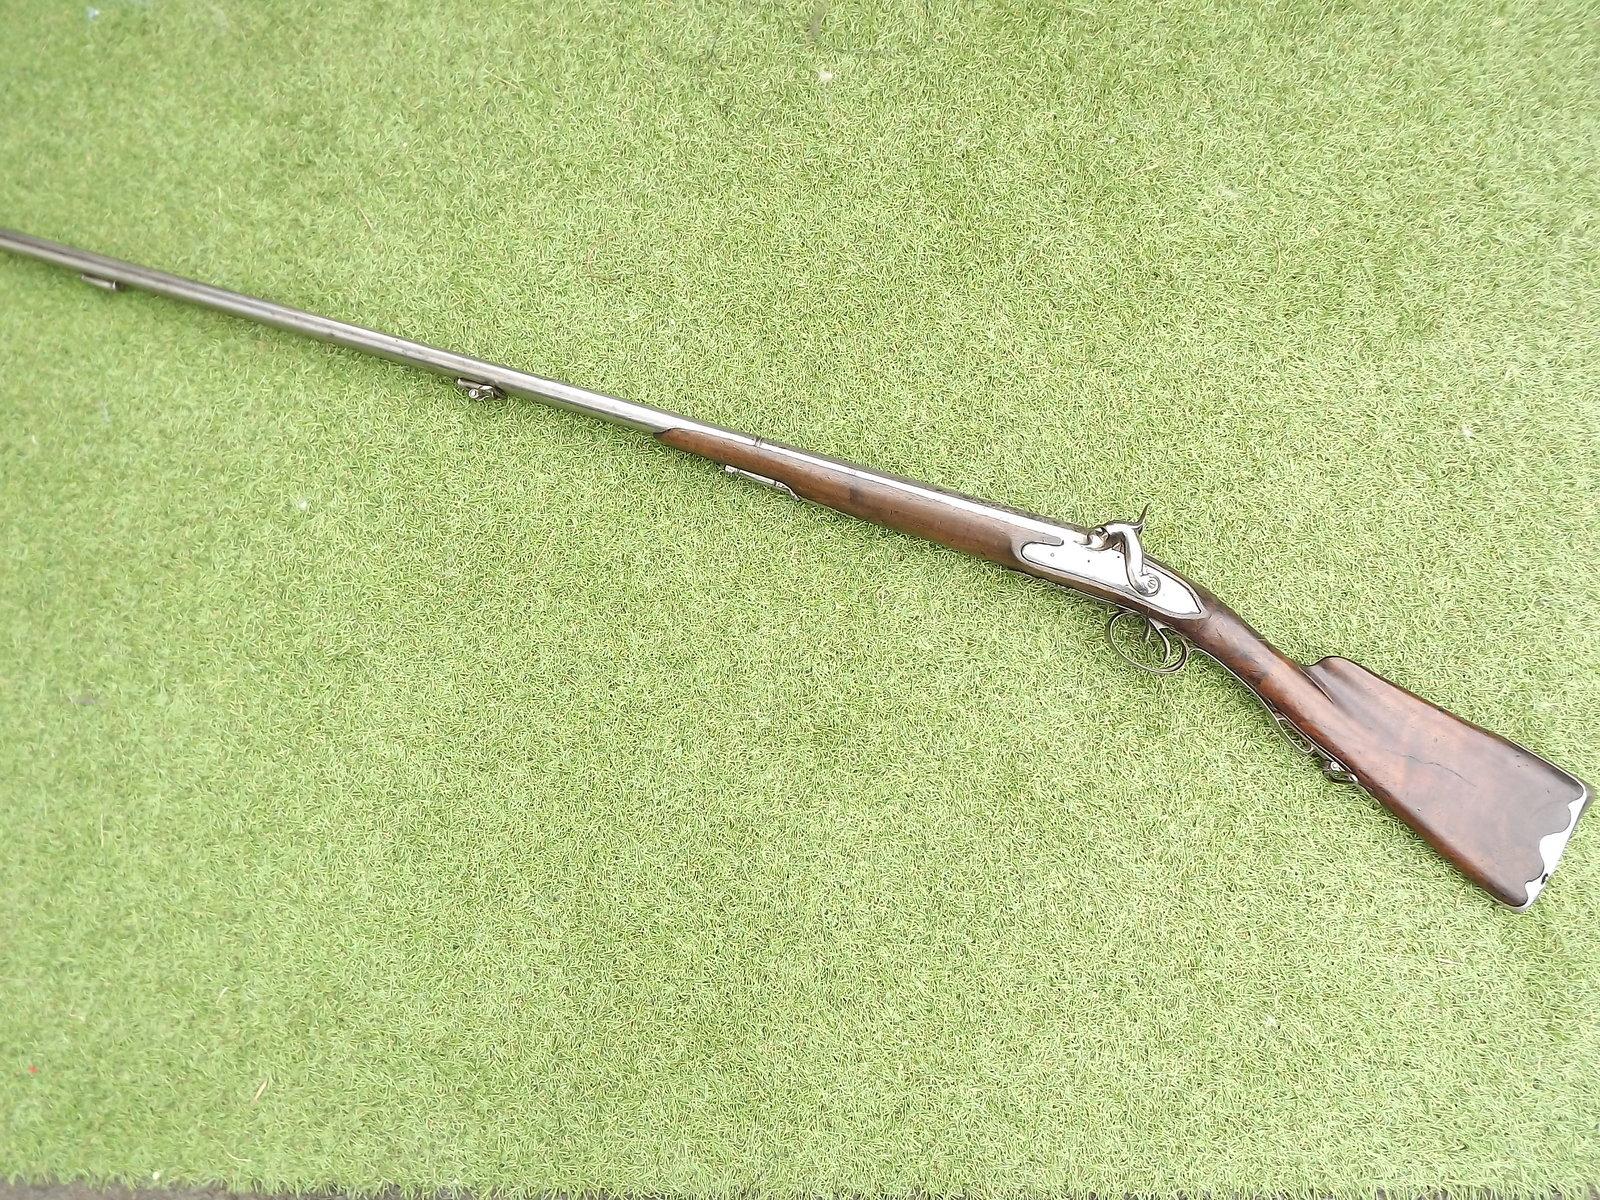 Fusil type Voltigeur 200920112011322492